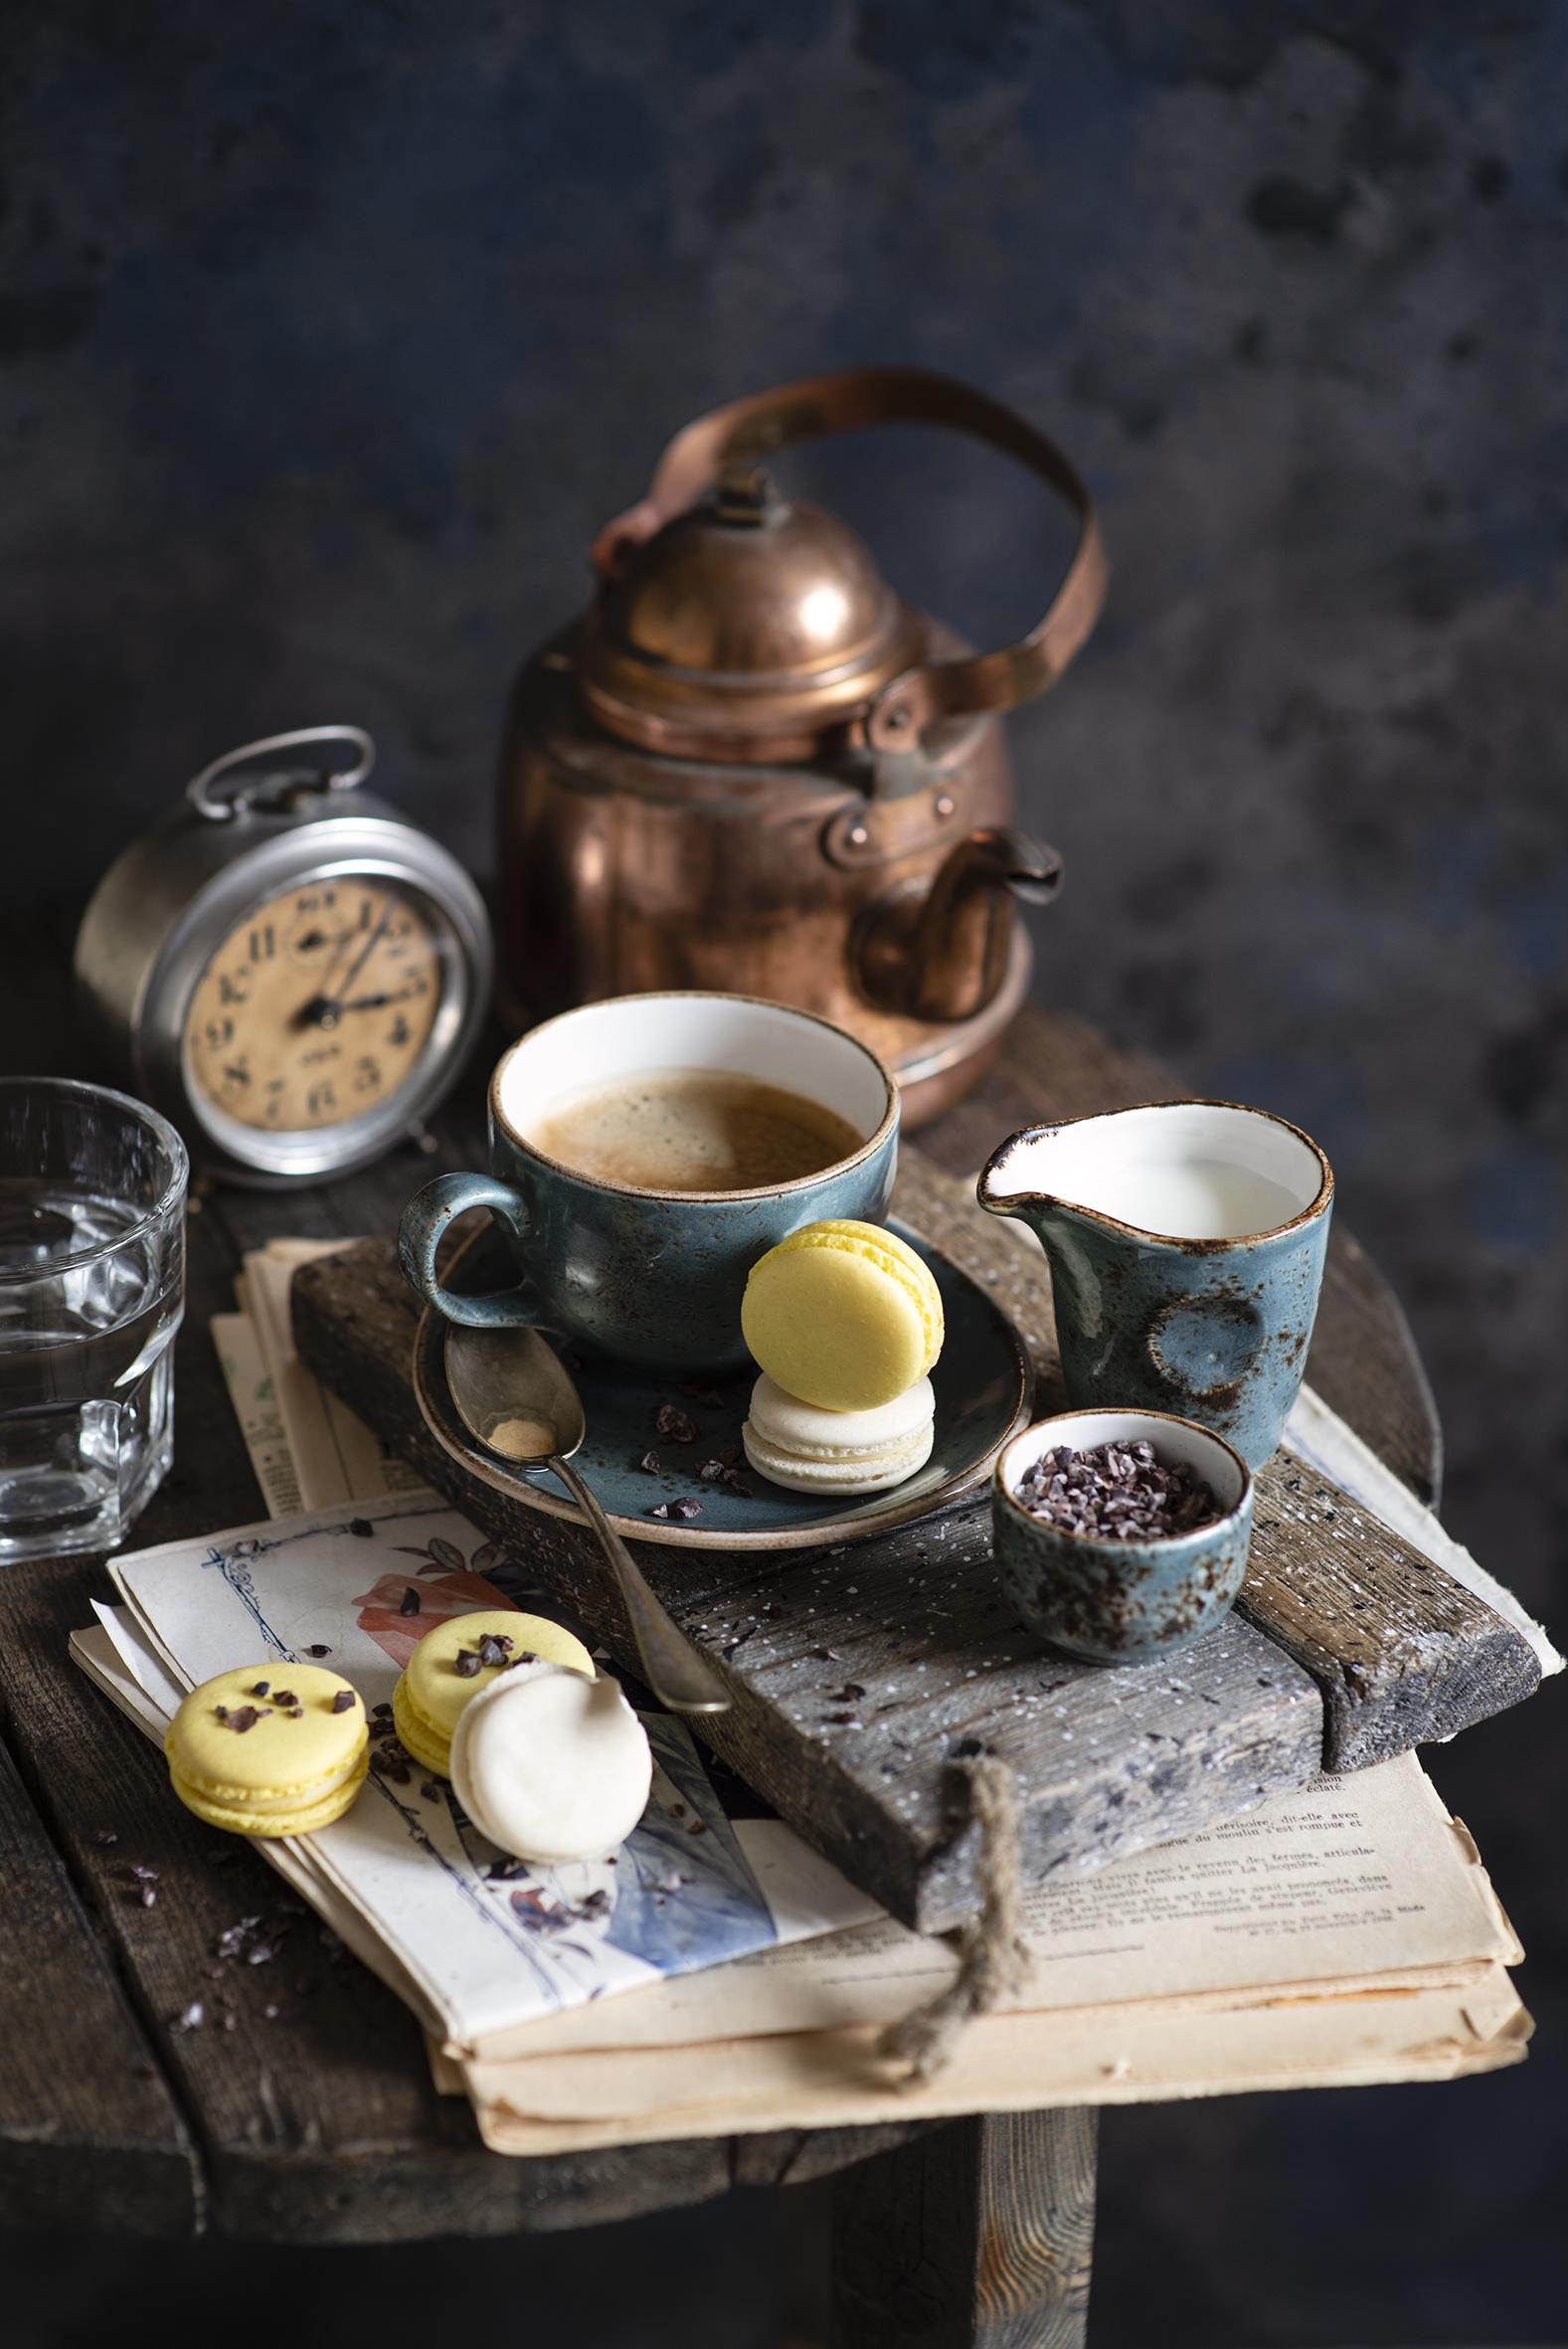 Картинки Молоко Макарон Кофе Часы Капучино Чайник Еда Чашка Натюрморт  для мобильного телефона Пища чашке Продукты питания